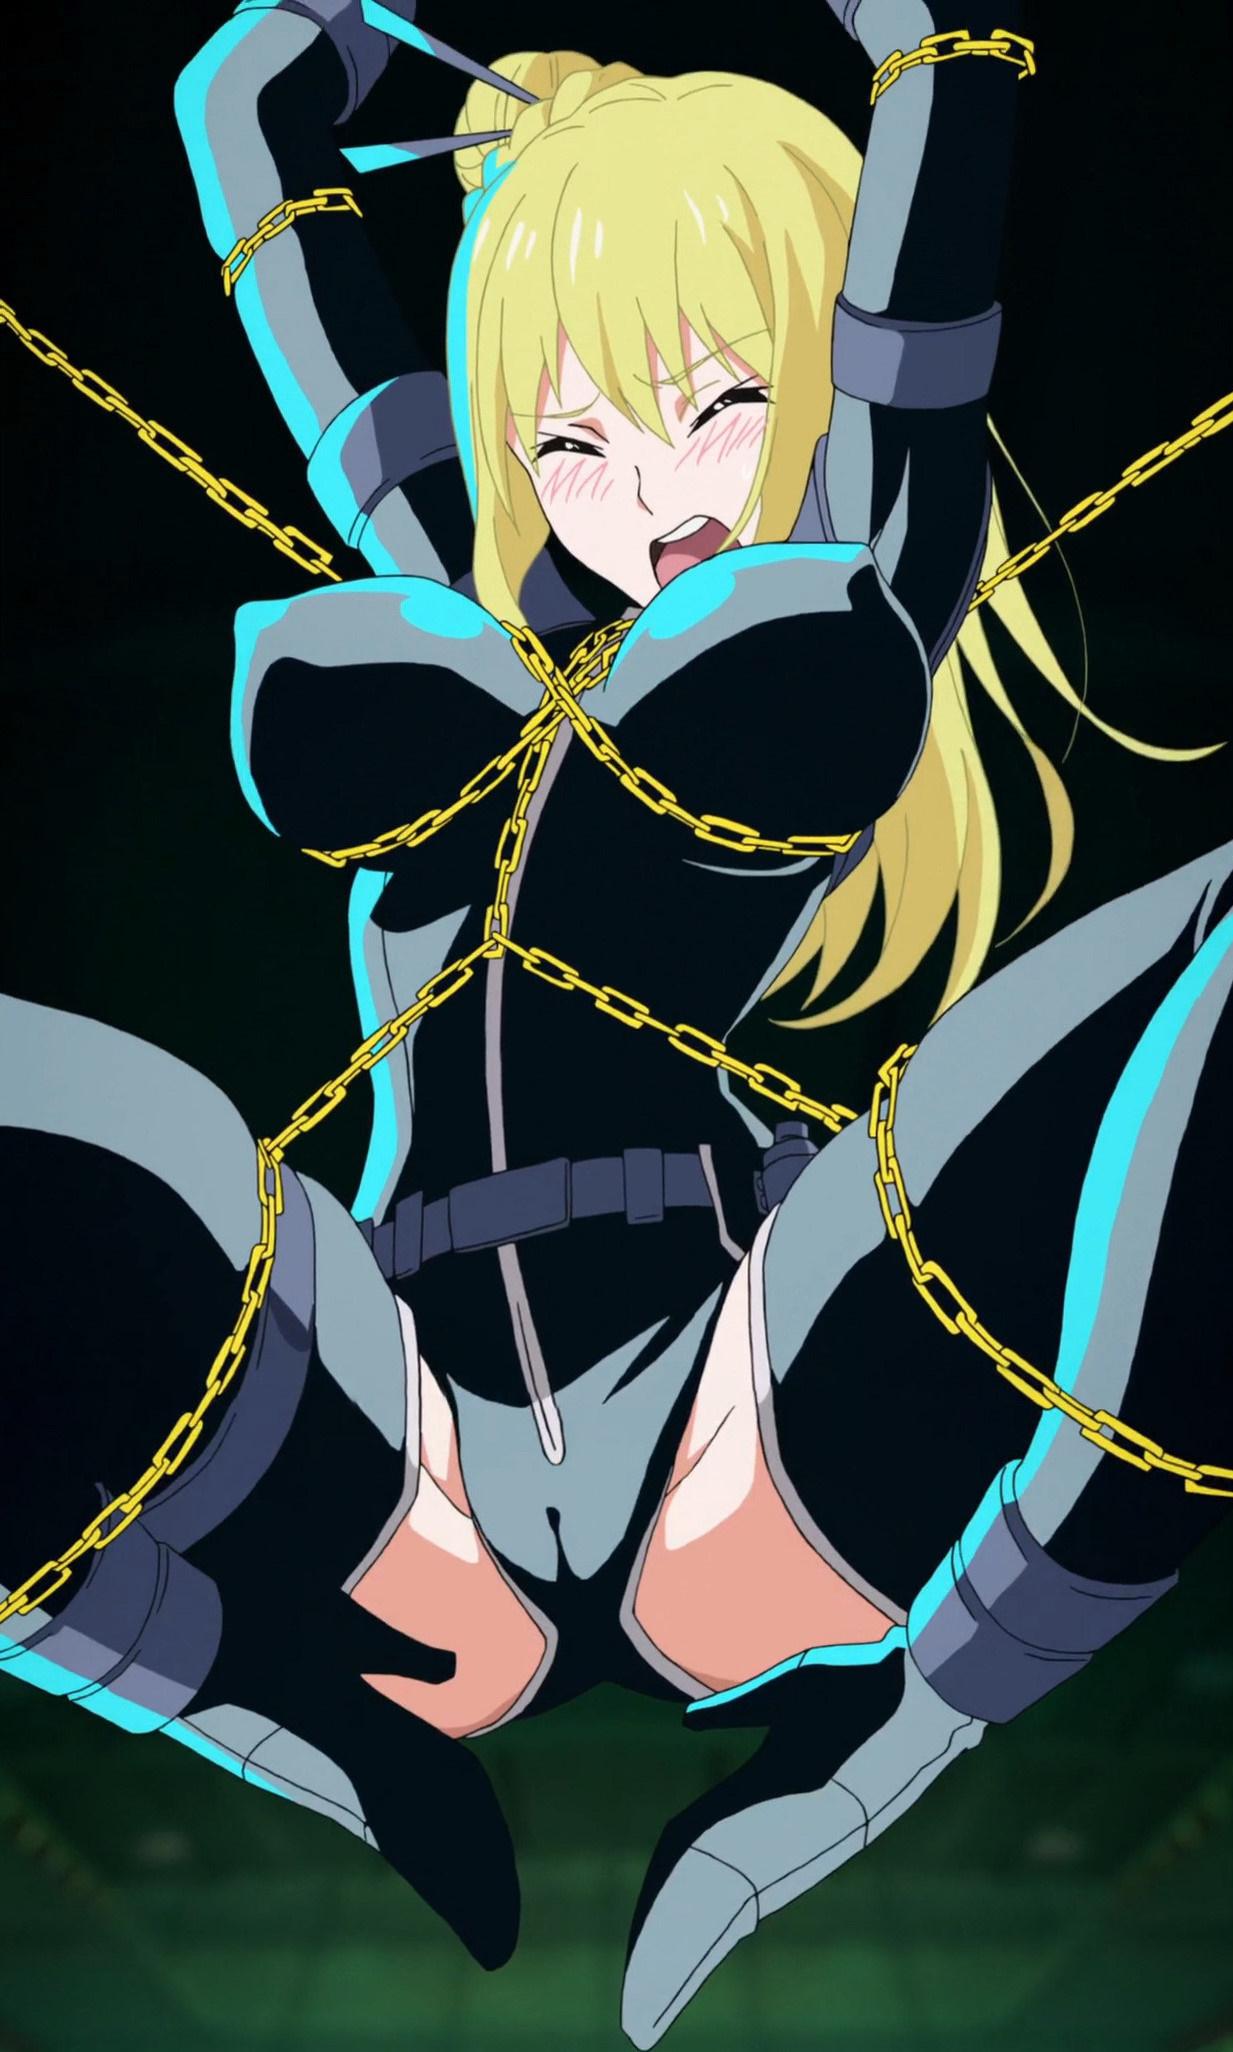 ニンジャスレイヤー Ninja Slayer ナンシー・リー 声優 斎藤千和 一般アニメ エロ 拘束 緊縛 SM 喘ぎ声